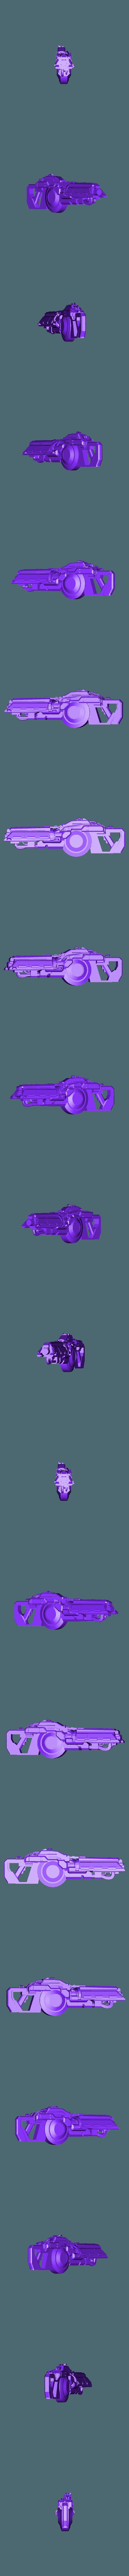 Ion Rifle v3.obj Télécharger fichier OBJ gratuit Le fusil de précision TitanFall 2 et le canon traqueur de 40 mm • Plan imprimable en 3D, MaxWillson